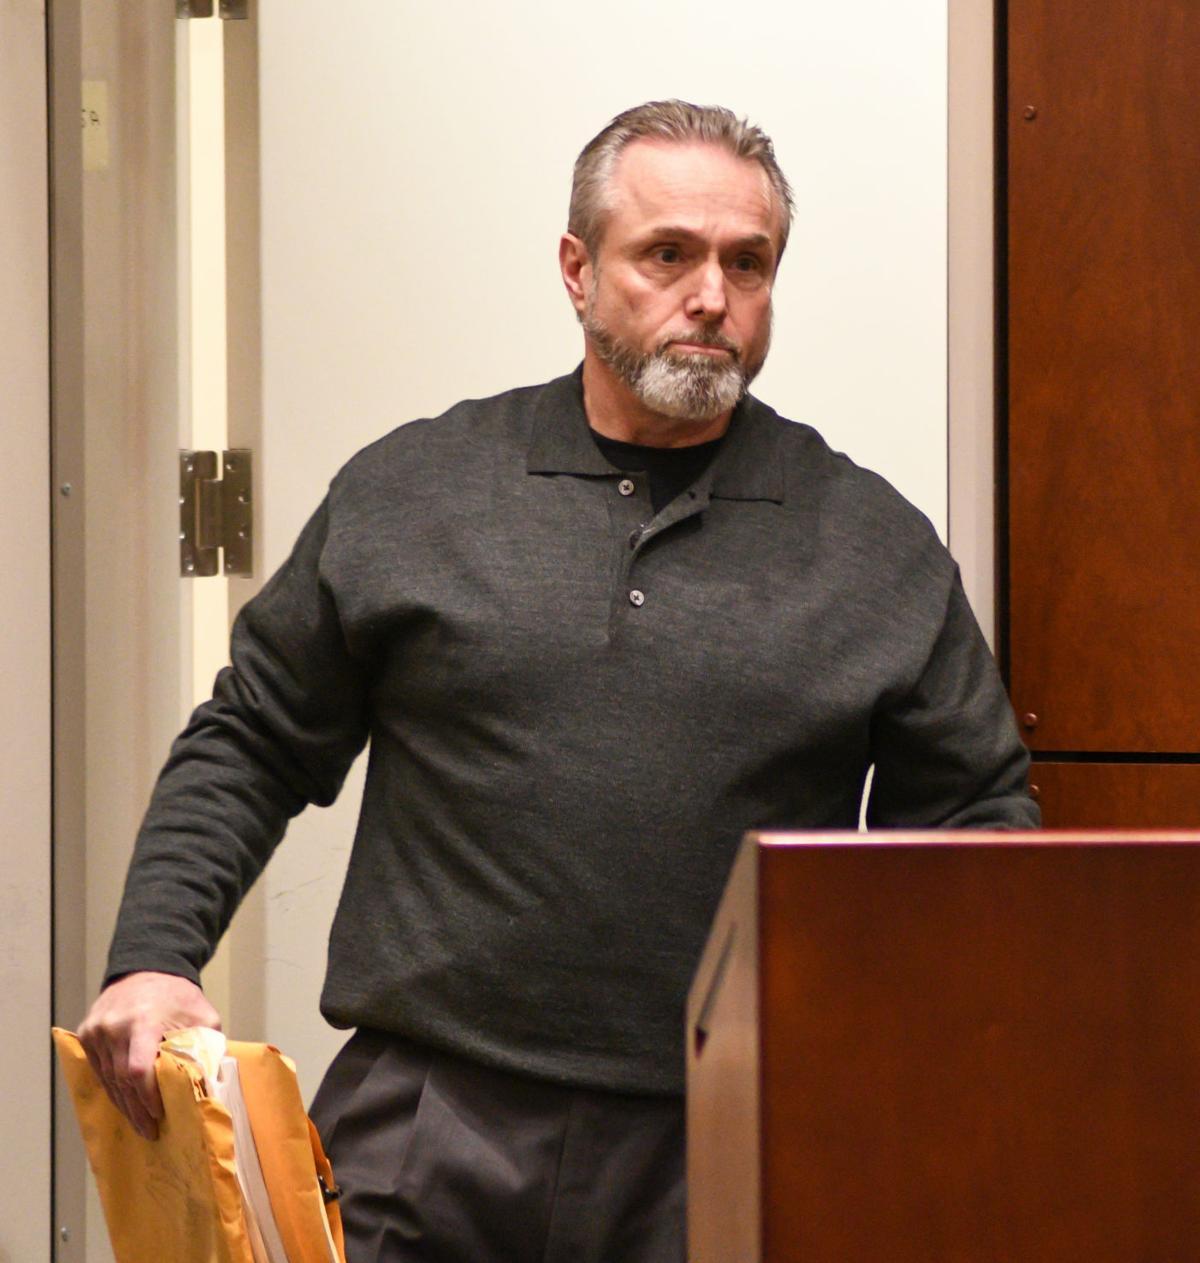 Karl Karlsen murder trial Day 1